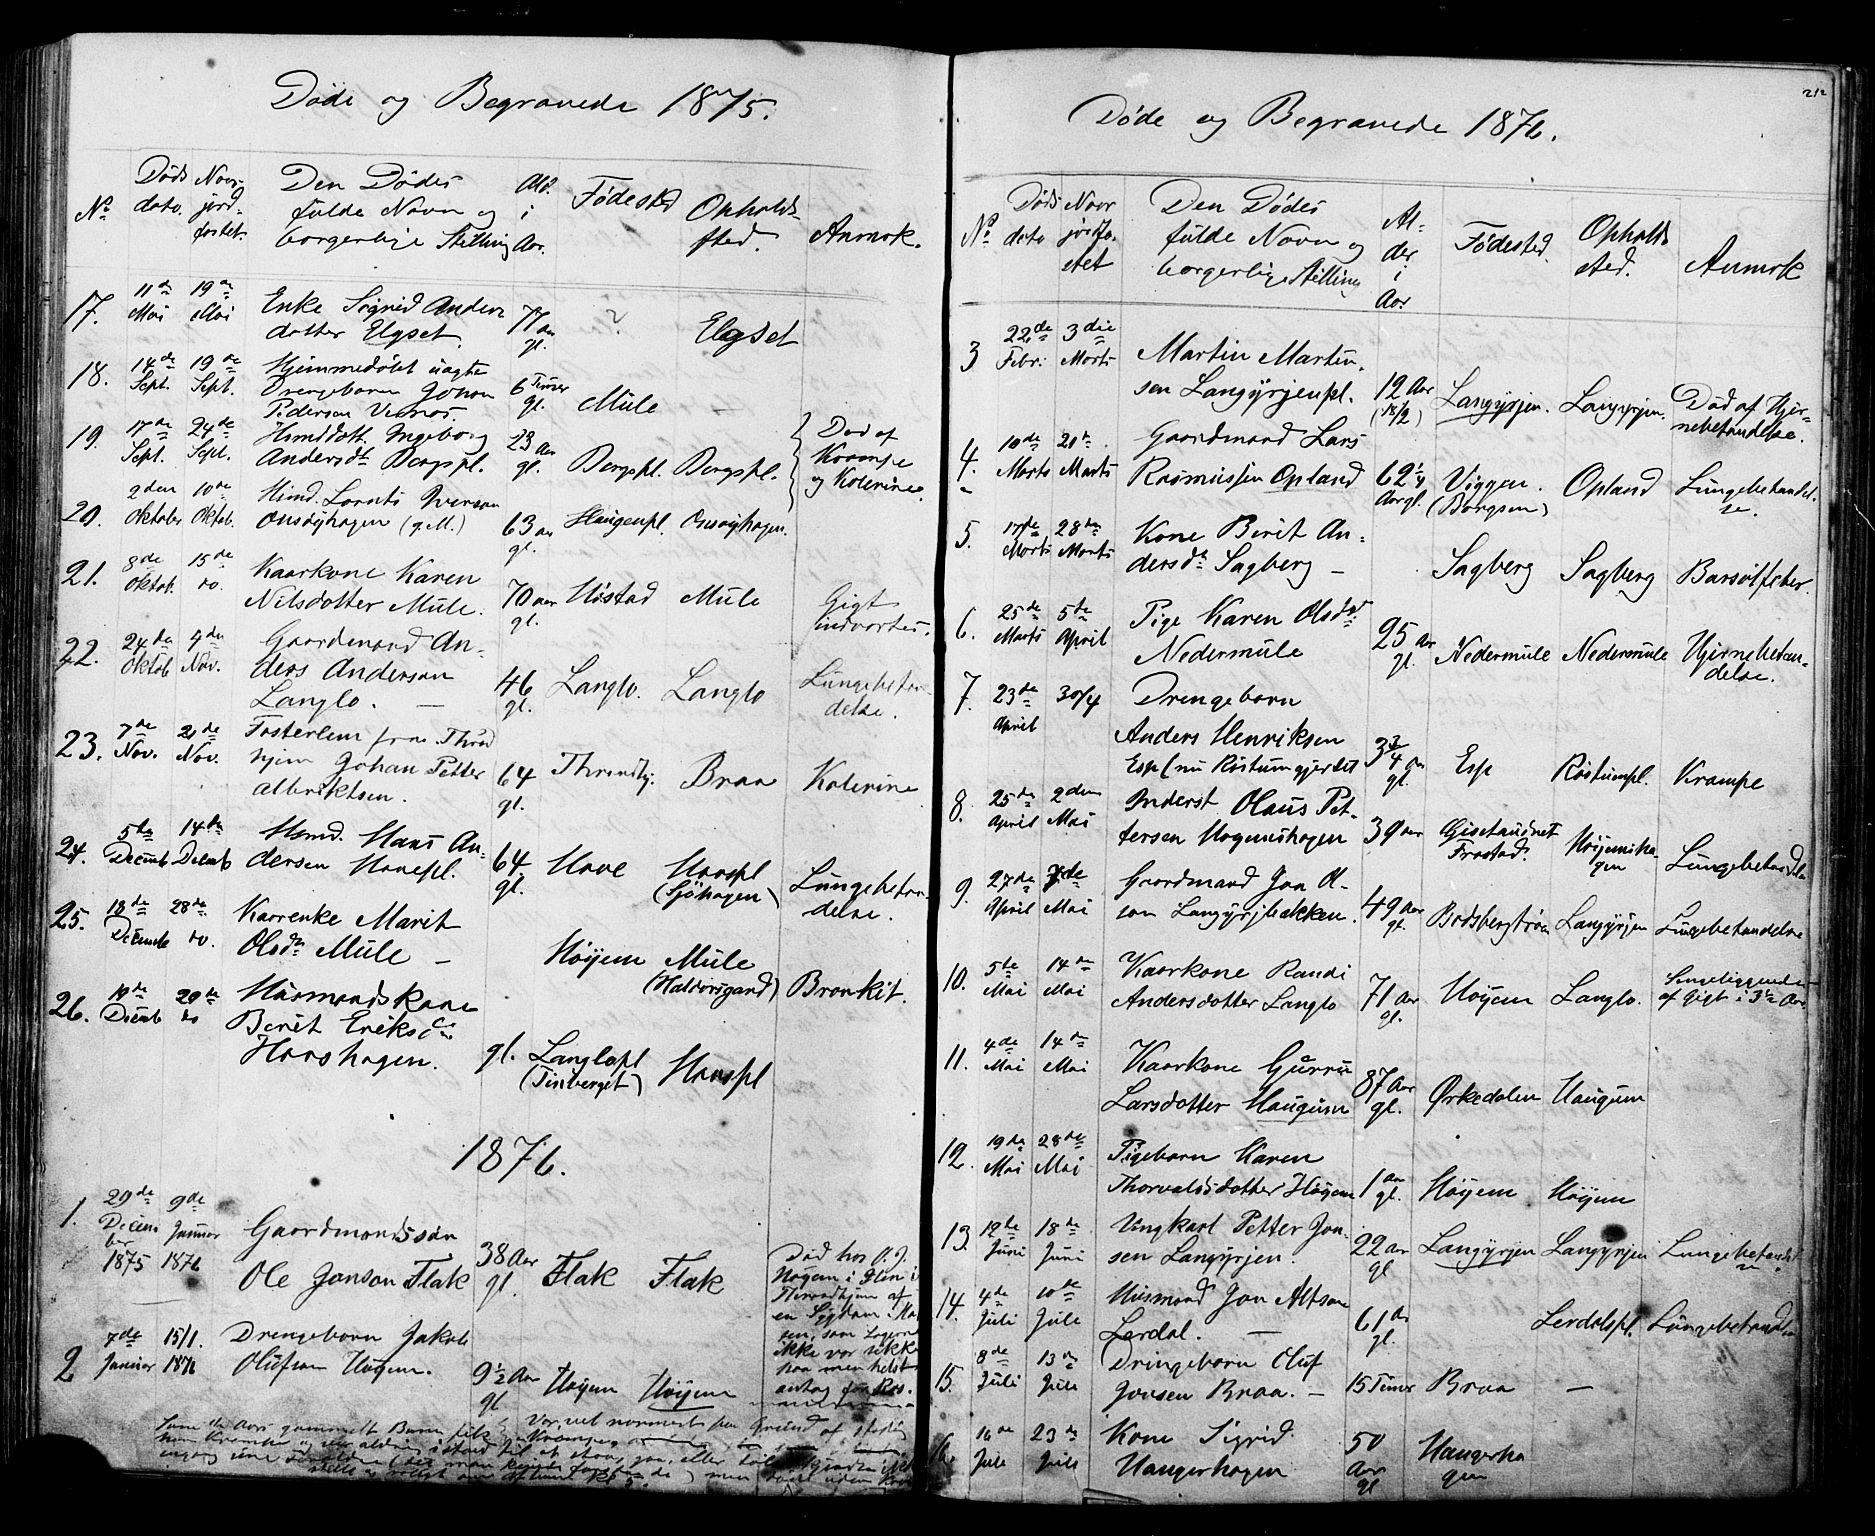 SAT, Ministerialprotokoller, klokkerbøker og fødselsregistre - Sør-Trøndelag, 612/L0387: Klokkerbok nr. 612C03, 1874-1908, s. 212